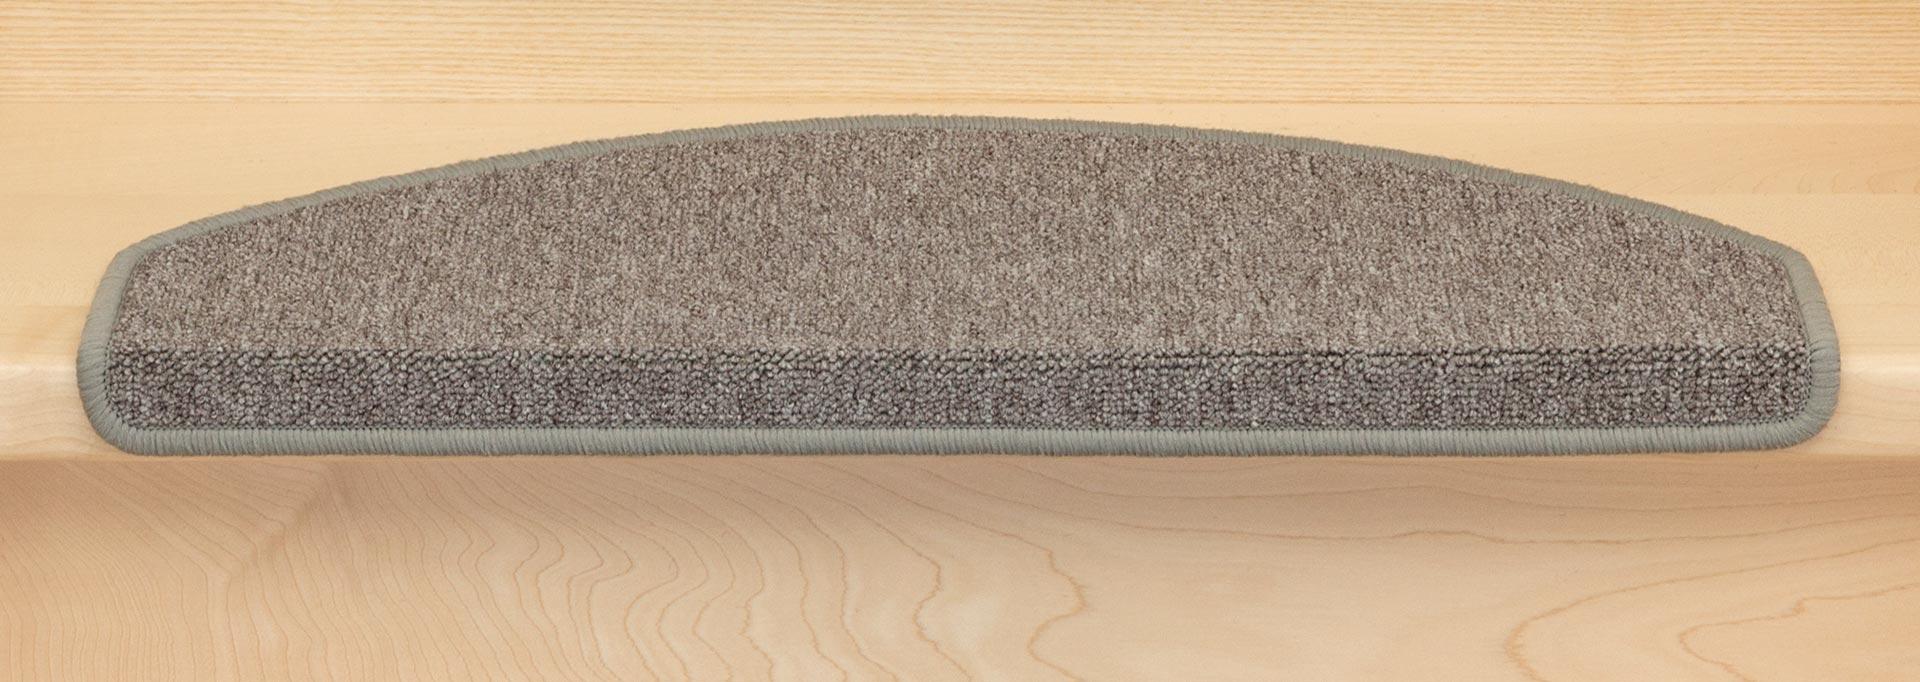 Stufenmatten-Rambo-New-versch-Farb-u-Set-Varianten-10-30-Stk-amp-Fleckentferner Indexbild 11